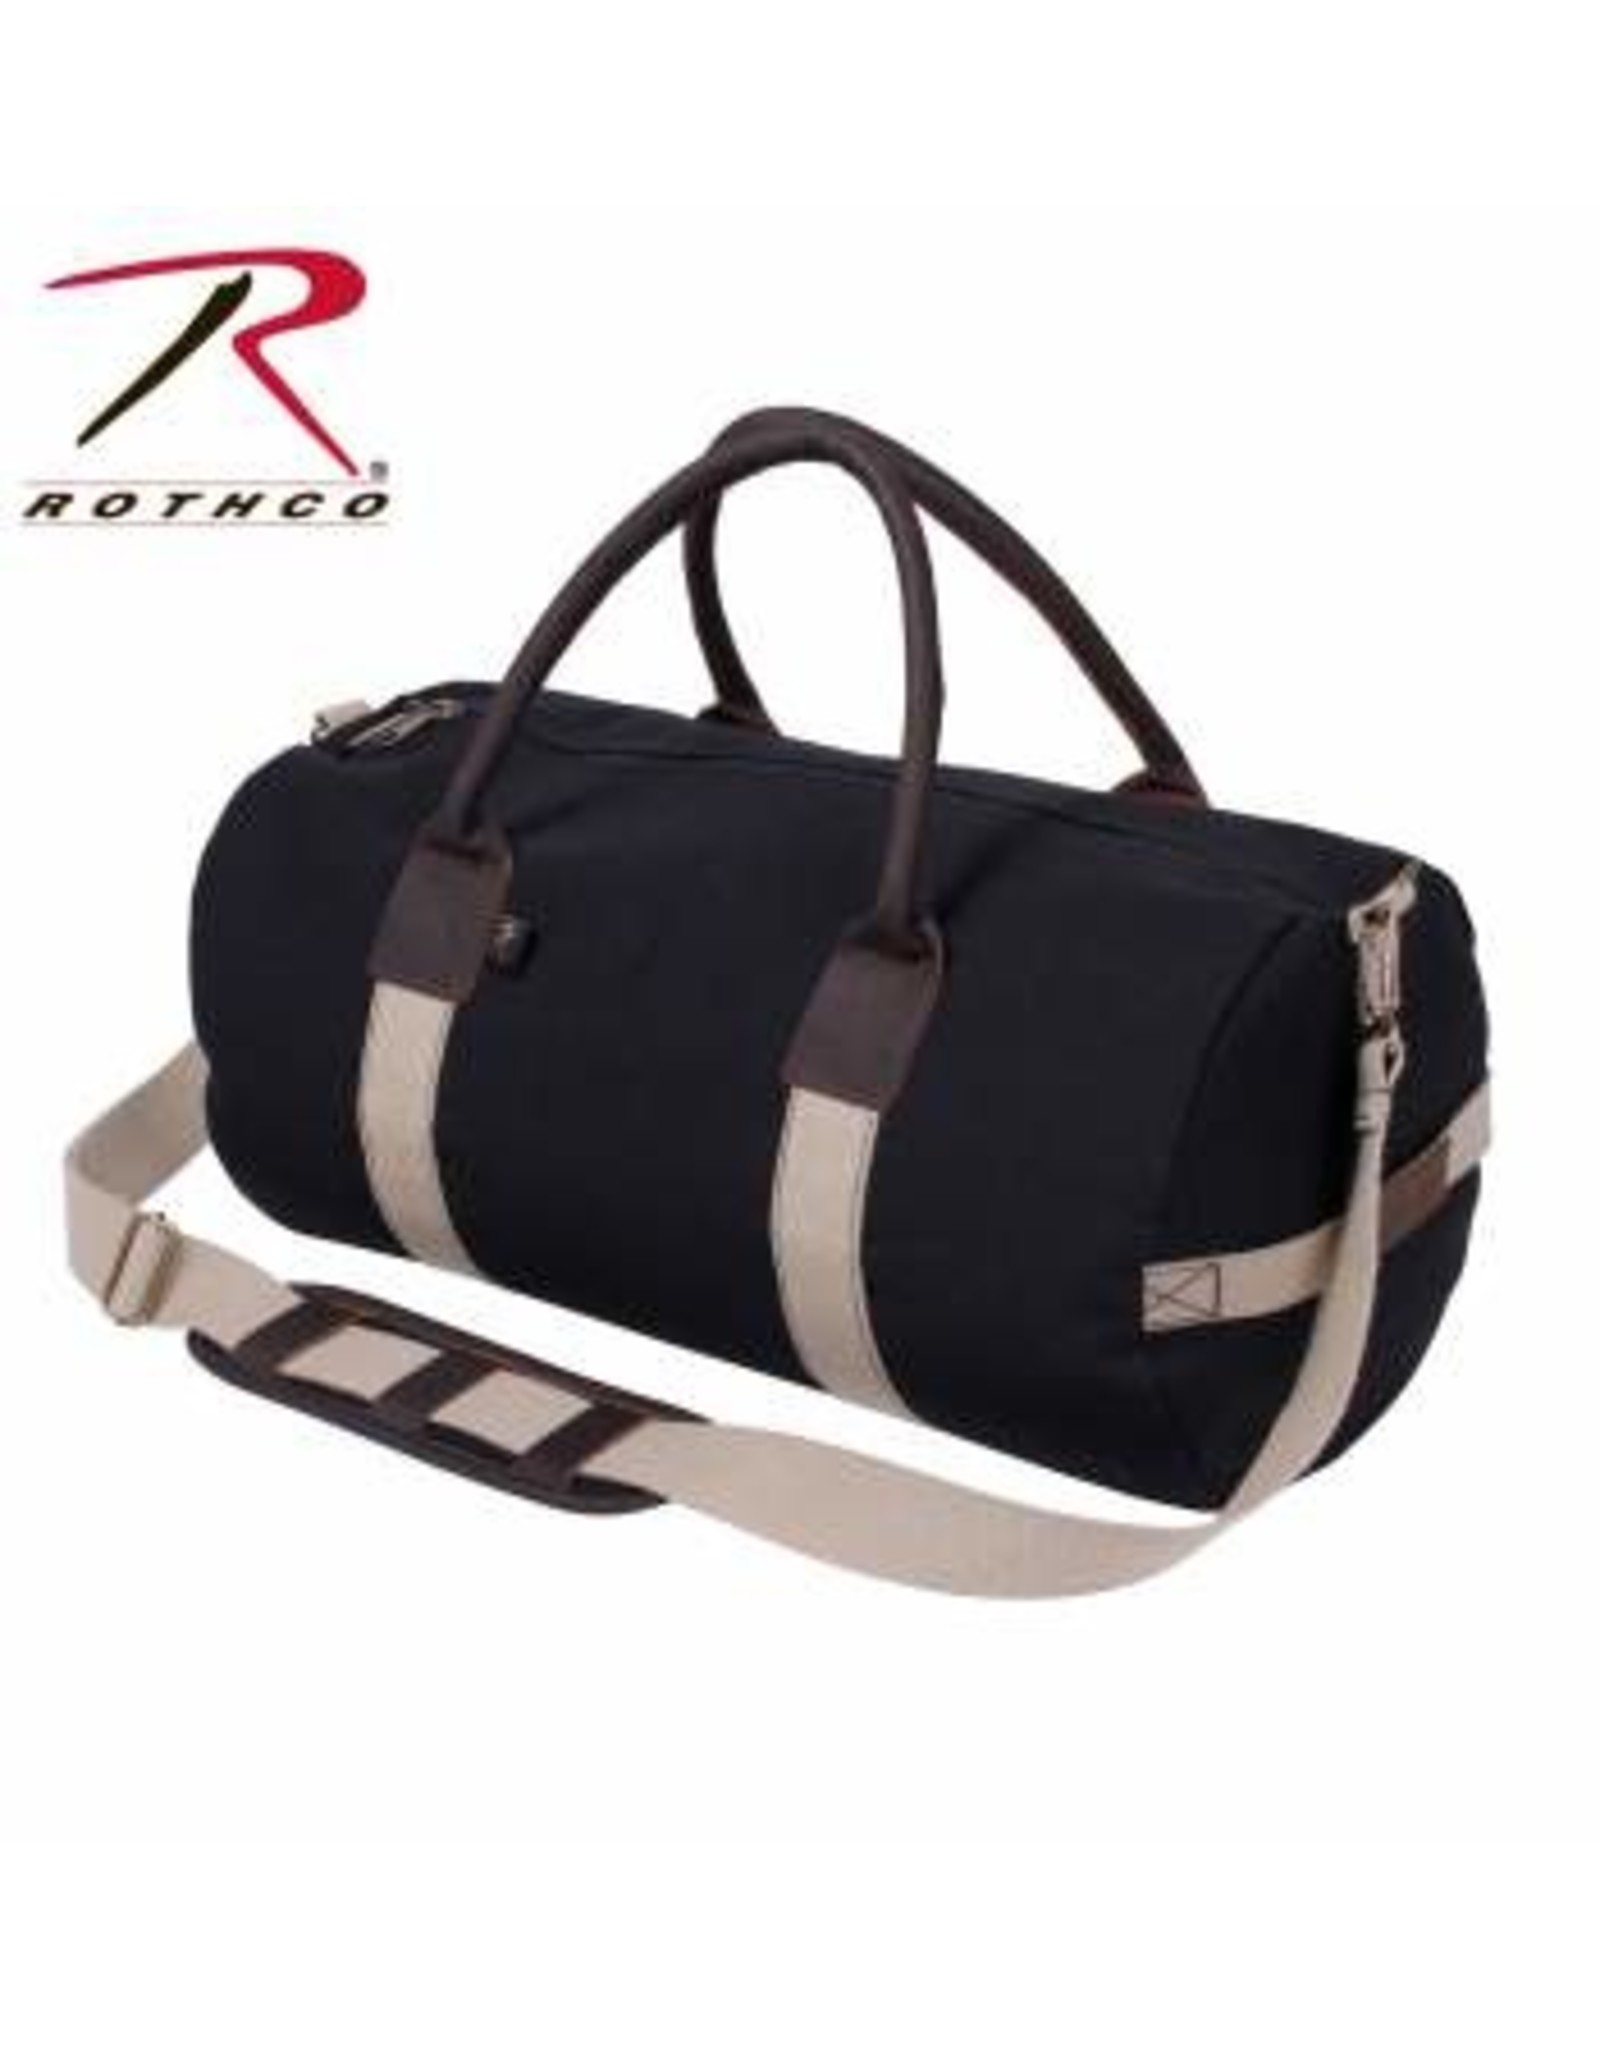 ROTHCO Rothco Canvas & Leather Gym Duffle Bag - Black